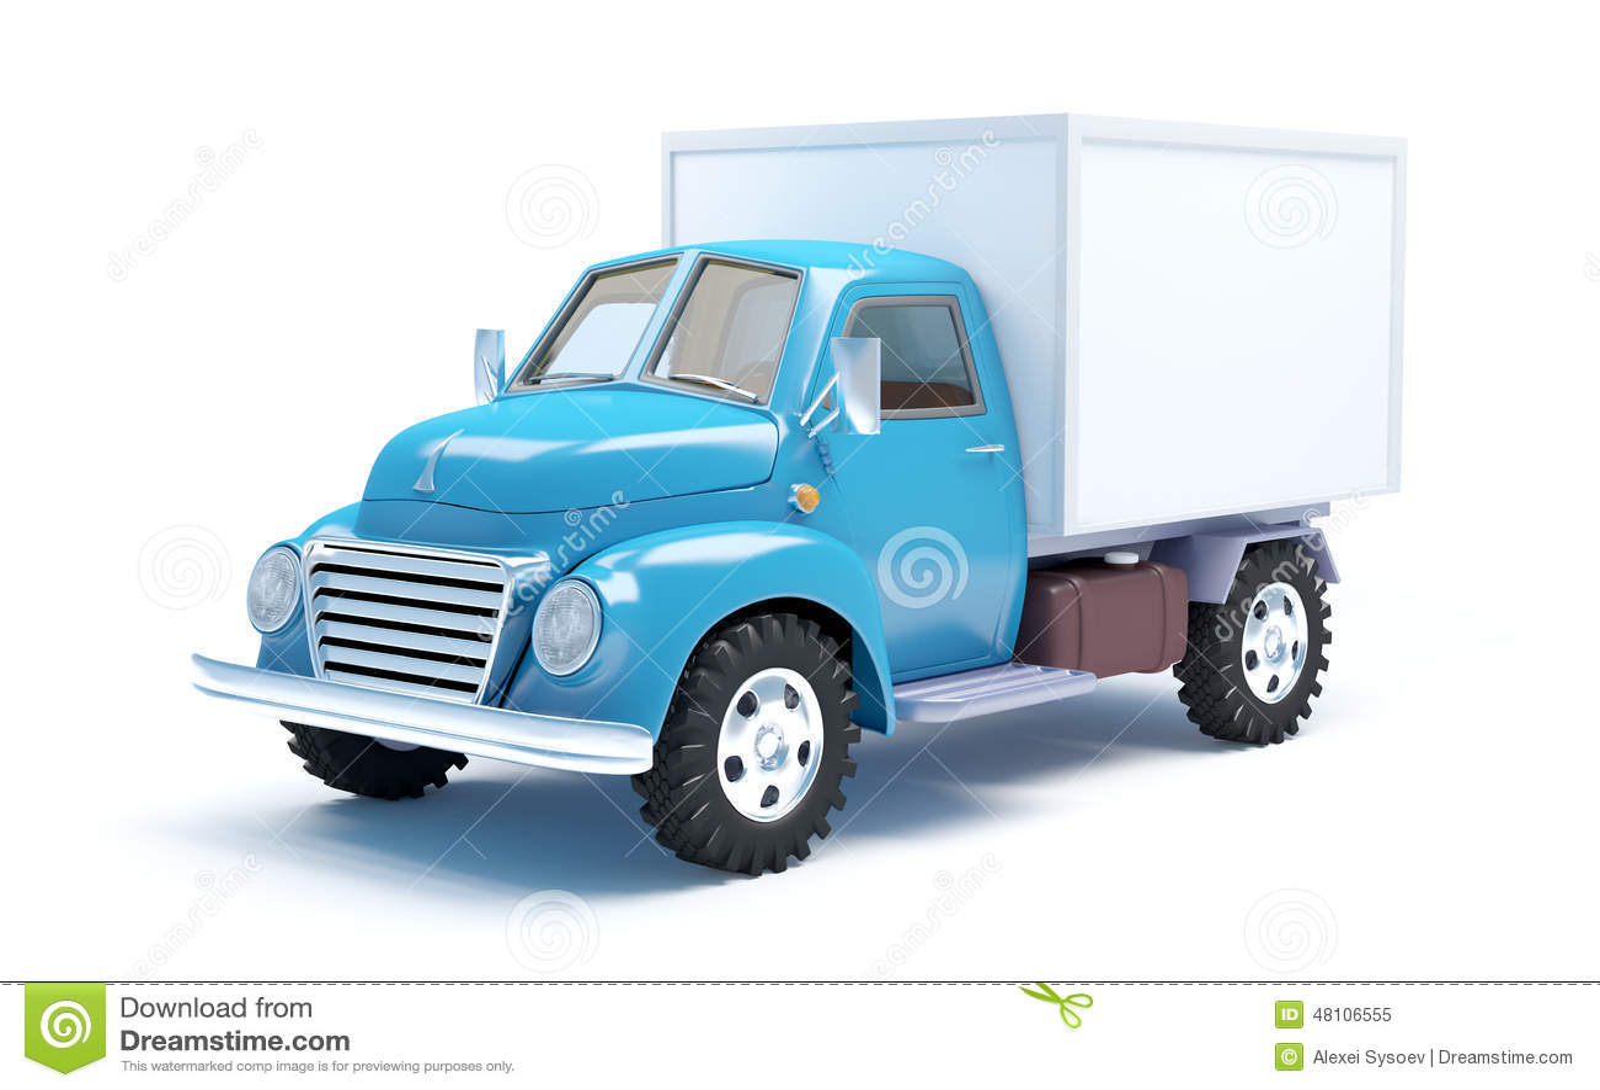 Vintage Delivery Truck 108